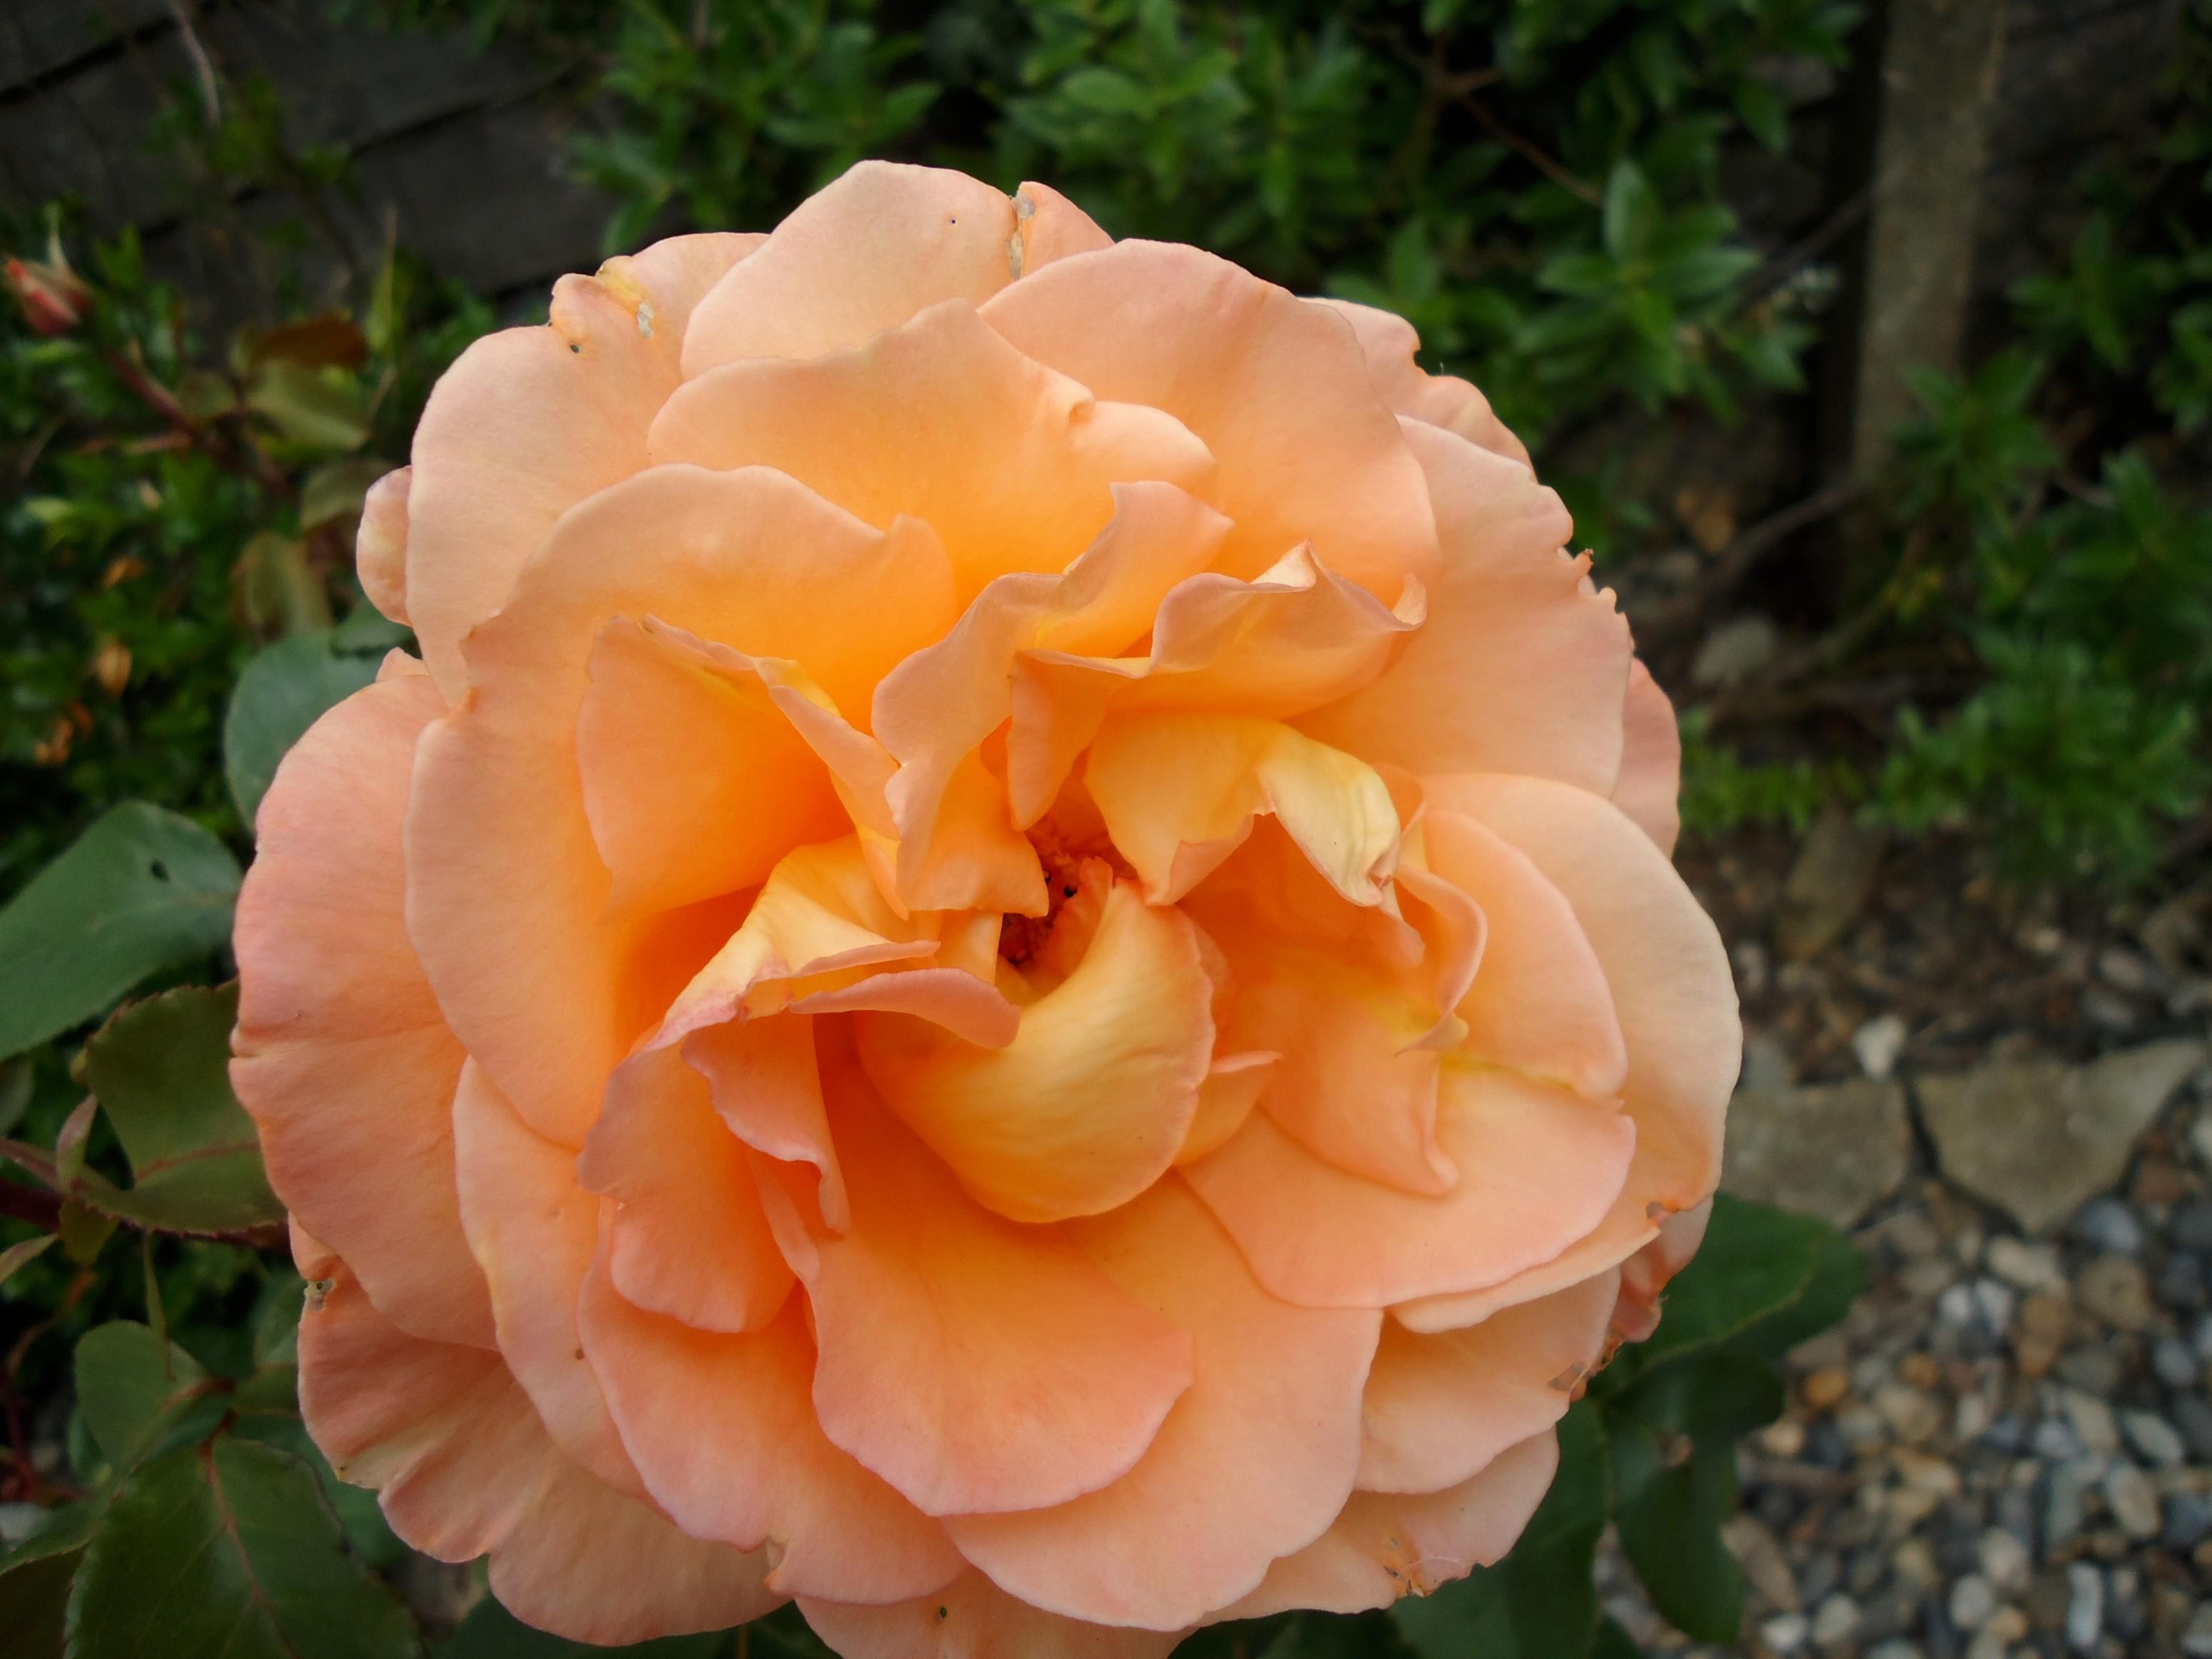 flowermaster9